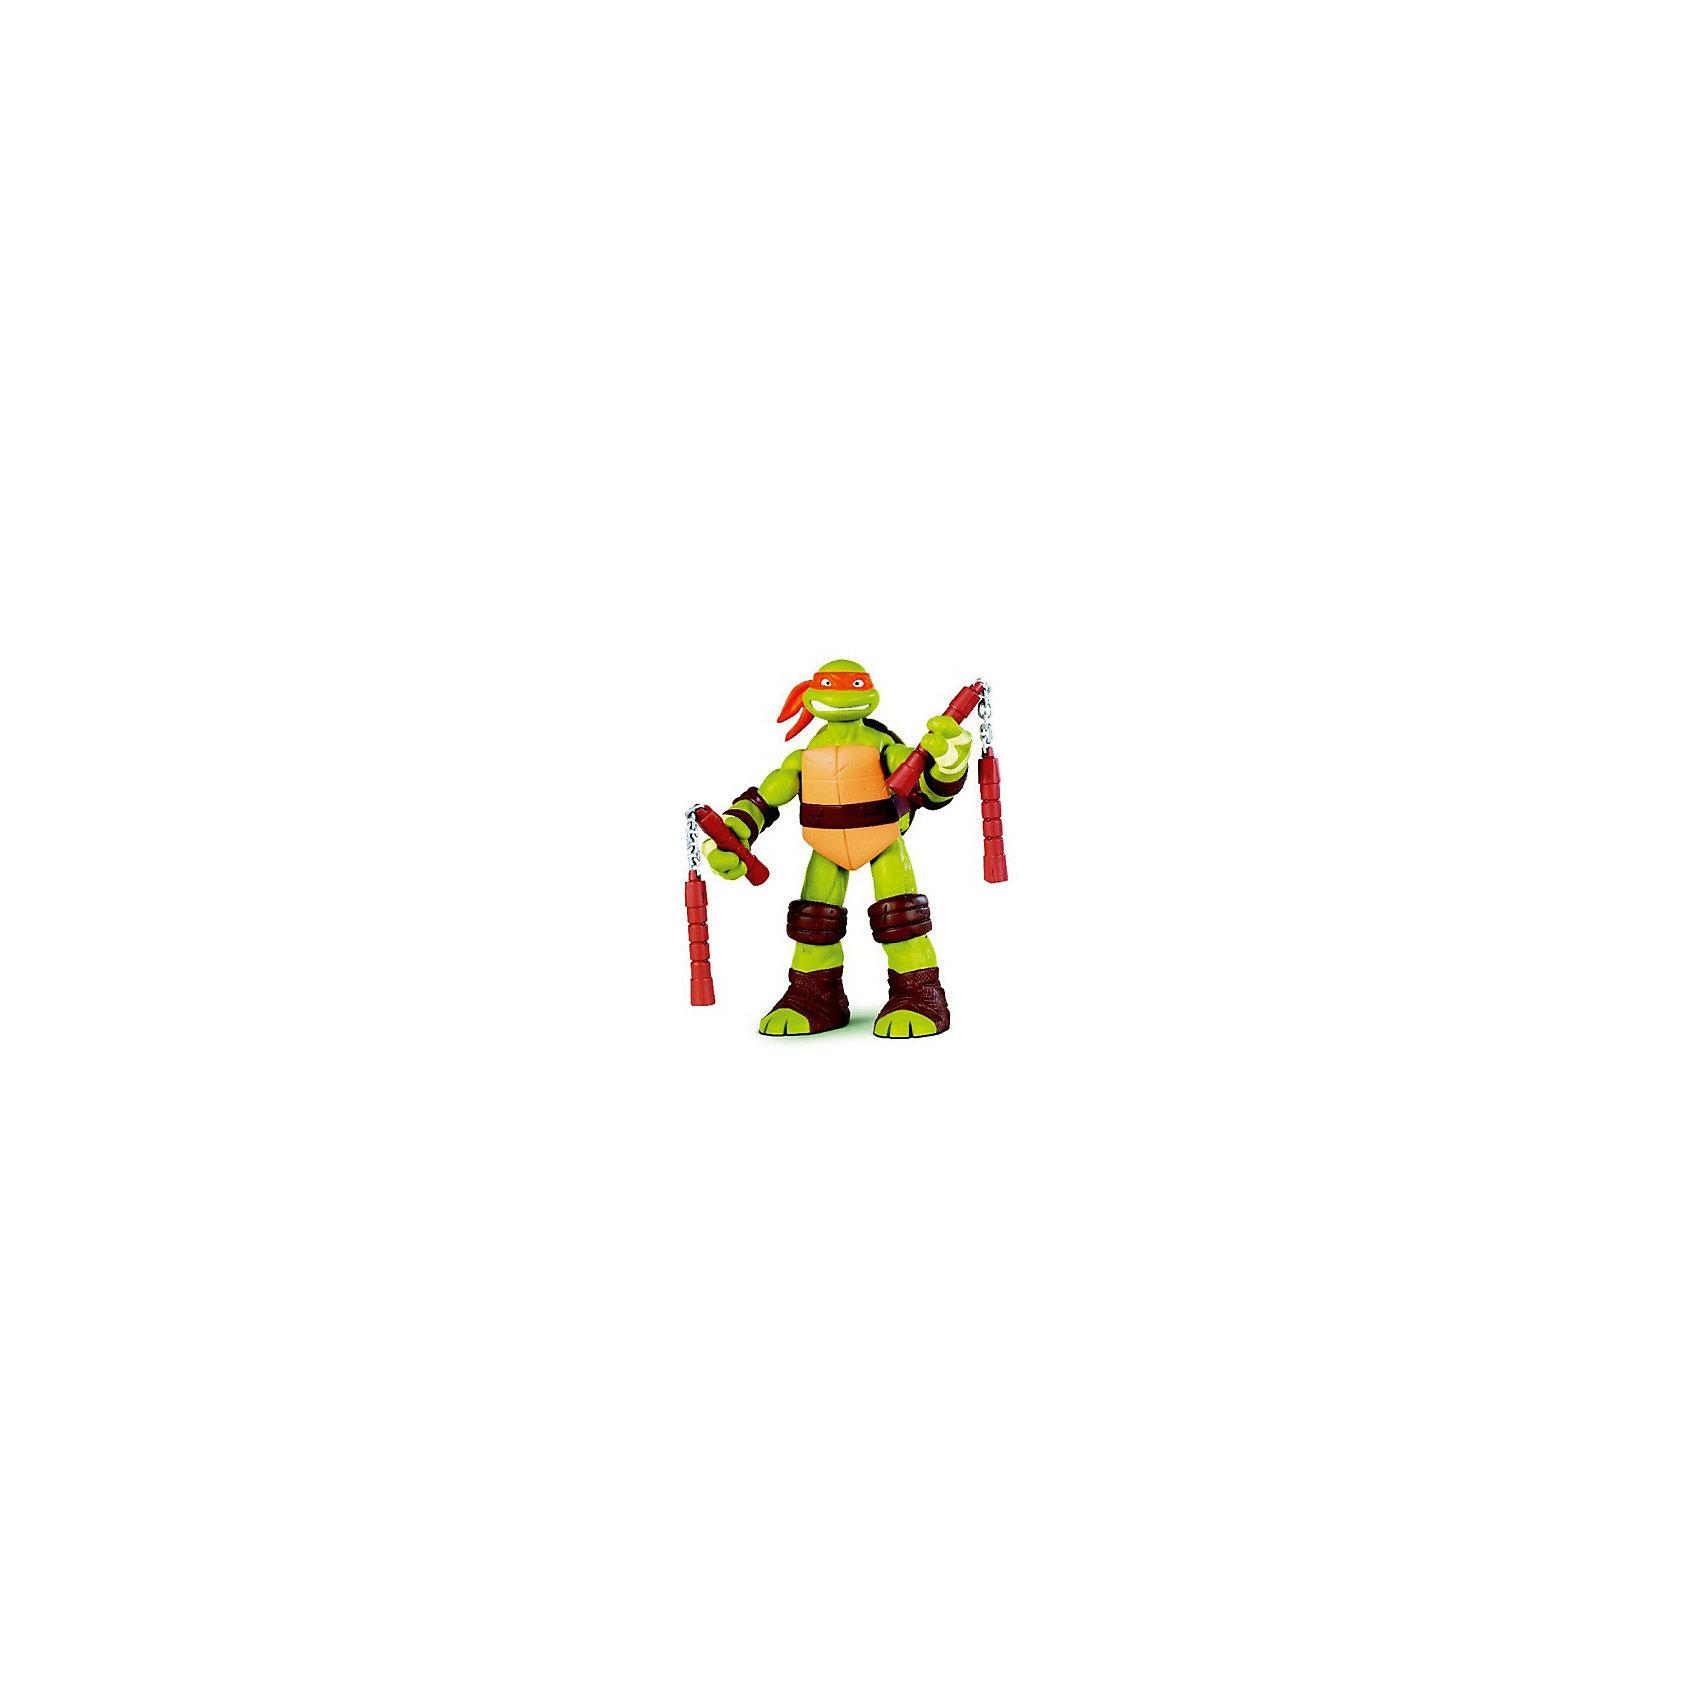 Фигурка Микеланджело, 28см, Черепашки НиндзяКоллекционные и игровые фигурки<br>Фигурка Микеланджело, 28 см, Черепашки Ниндзя.  Playmates представляет новых героев серии Movie Line ? черепашки Ниндзя. Полная серия черепашек Ниндзя состоит из четырех героев: Леонардо,  Донателло, Рафаэль и Микеланджело. Микеланджело ? один из героев фильмов Teenage Mutant Ninja Turtles, обожаемых всеми мальчишками. Согласно сюжету фильма Микеланджело самый веселый персонаж, обладает чувством юмора и добрым сердцем, носит оранжевую повязку. Его любимое оружие ? нунчаки. Фигурка выполнена из качественного прочного пластика, устойчивого к повреждениям, имеет удобный размер (28 см). У черепашки Микеланджело подвижные руки и ноги и суставы, сзади у него имеется открывающийся панцирь, который предназначен для хранения дополнительного оружия и аксессуаров.<br>Данная игрушка способствует формирует коммуникативных навыков, развивает воображение и память. Играя с этими героями, ваш ребенок приобретает навыки социального общения и отрабатывает эффективные методы взаимодействия с другими детьми.<br><br>Дополнительная информация:<br><br>- Вид игр: сюжетно-ролевые игры <br>- Предназначение: для дома, для улицы<br>- Материал: качественный пластик<br>- Размер (ДхШхВ): 28*8,5*33 см<br>- Вес: 385 г<br>- Комплектация: дополнительное оружие<br>- Особенности ухода: разрешается мыть<br><br>Подробнее:<br><br>• Для детей в возрасте: от 4 лет и до 11 лет<br>• Страна производитель: Китай<br>• Торговый бренд: Playmates <br><br>Фигурку Микеланджело, 28 см, Черепашки Ниндзя можно купить в нашем интернет-магазине.<br><br>Ширина мм: 280<br>Глубина мм: 85<br>Высота мм: 330<br>Вес г: 385<br>Возраст от месяцев: 48<br>Возраст до месяцев: 132<br>Пол: Мужской<br>Возраст: Детский<br>SKU: 4797139